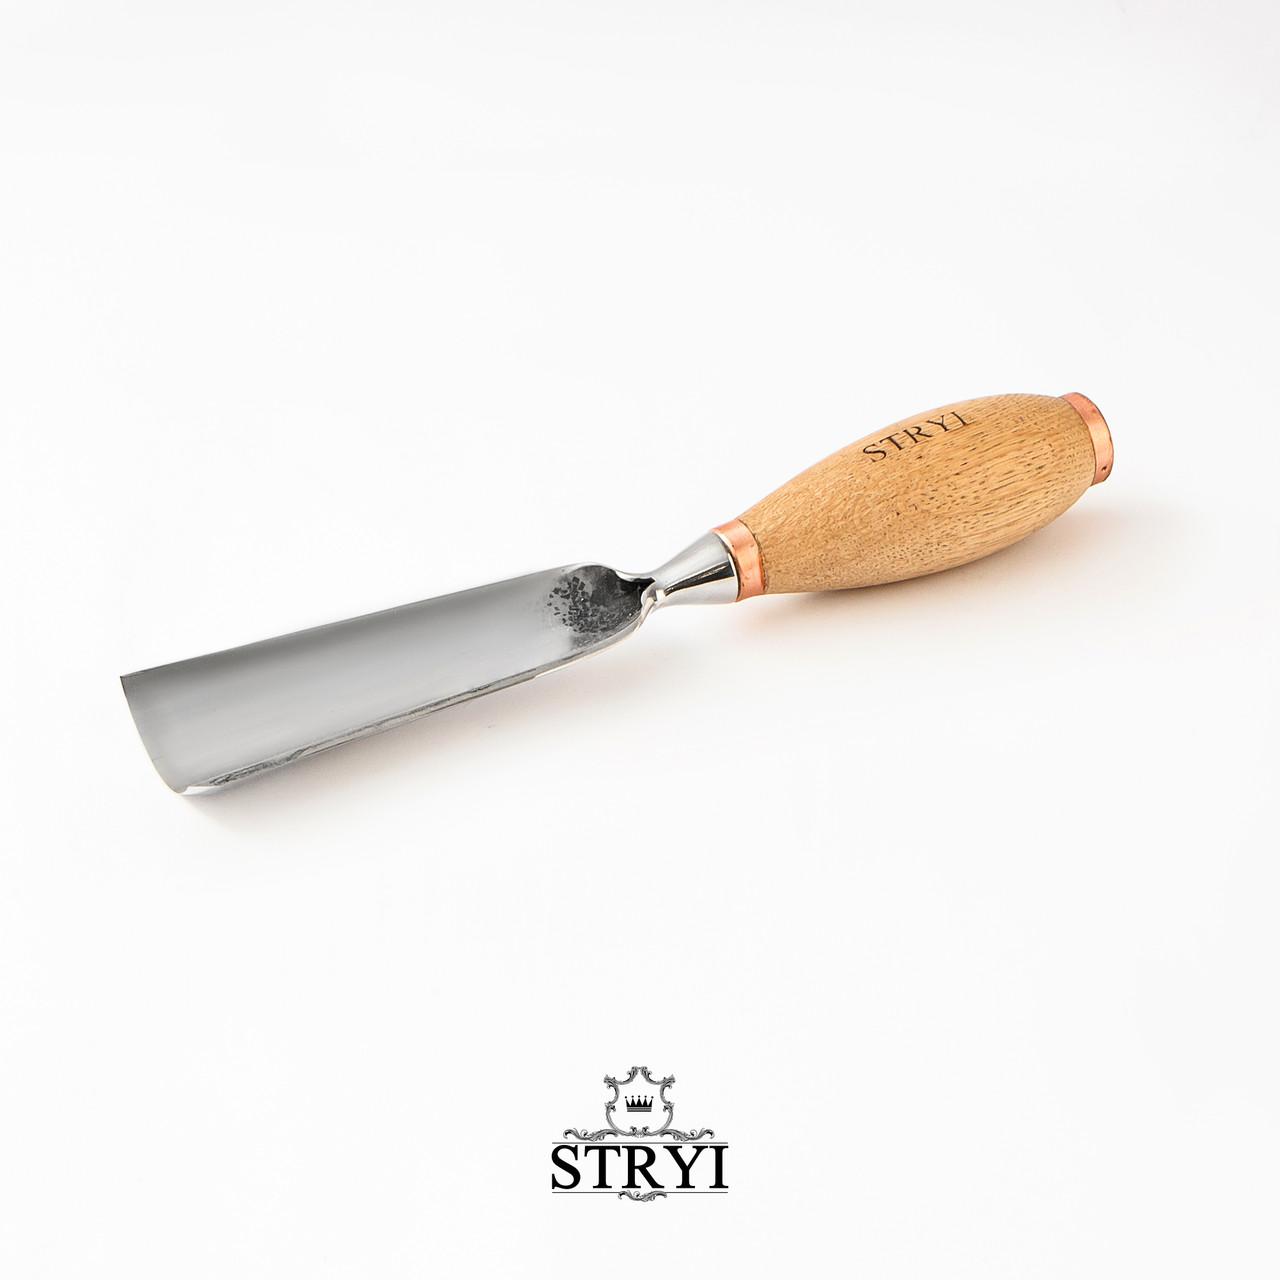 Отлогая ударная стамеска 40мм №7 для резьбы по дереву от производителя STRYI